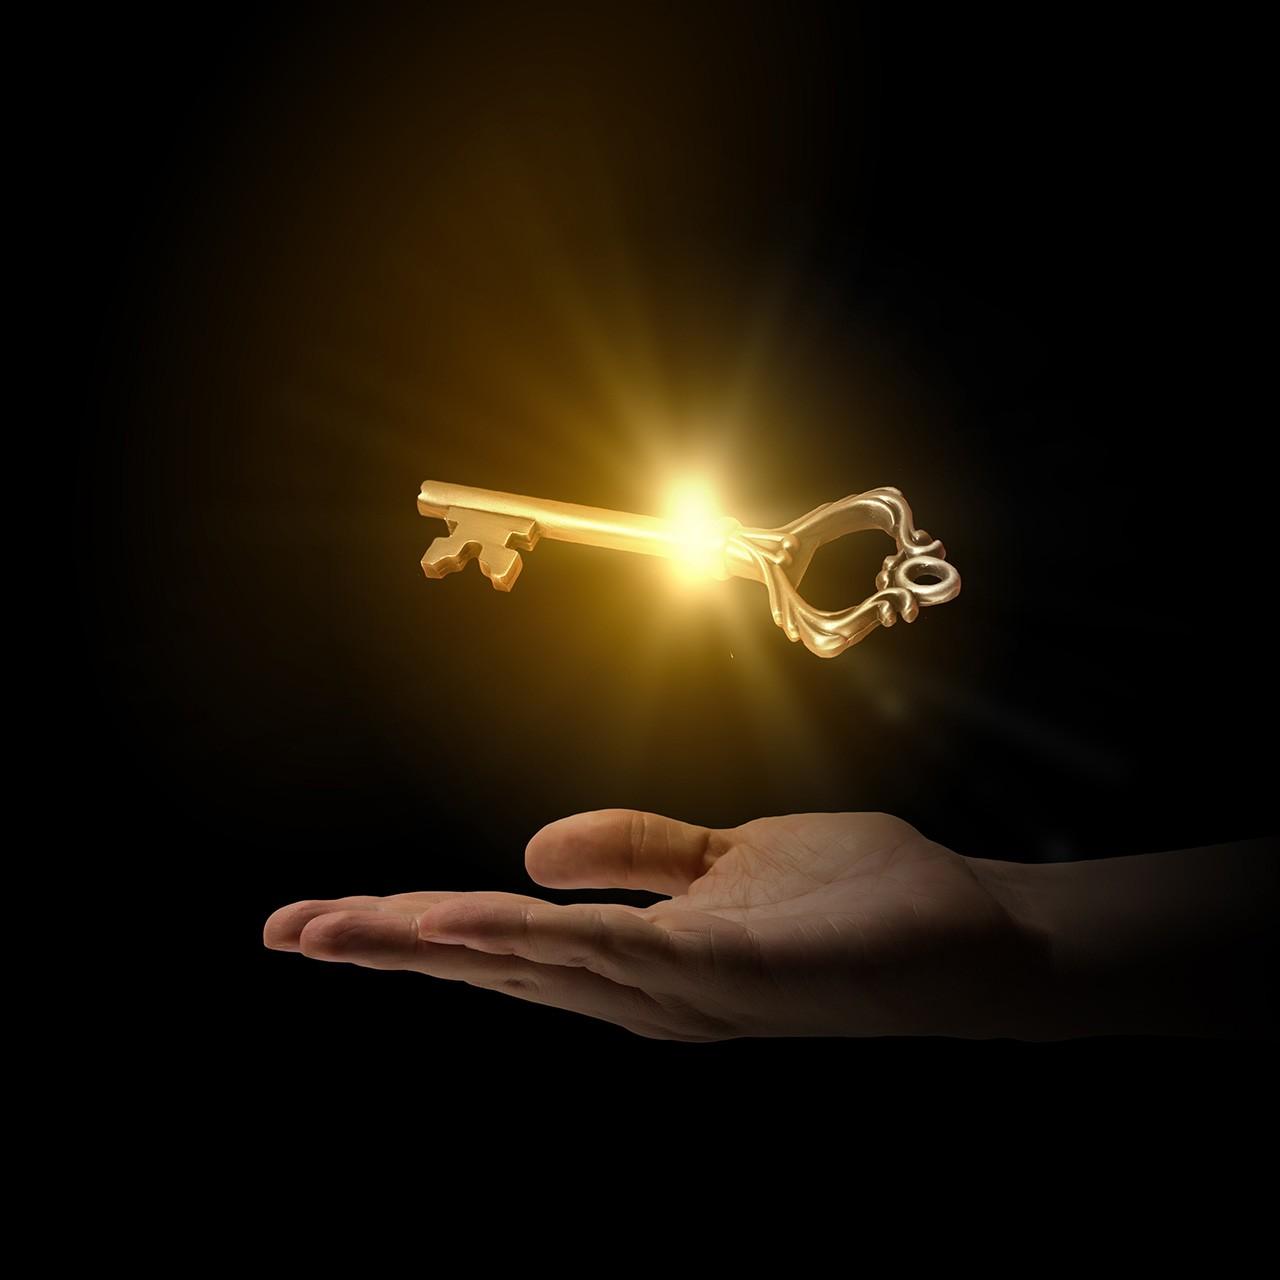 رازهای موفقیت: نکاتی از موفق ترین افراد